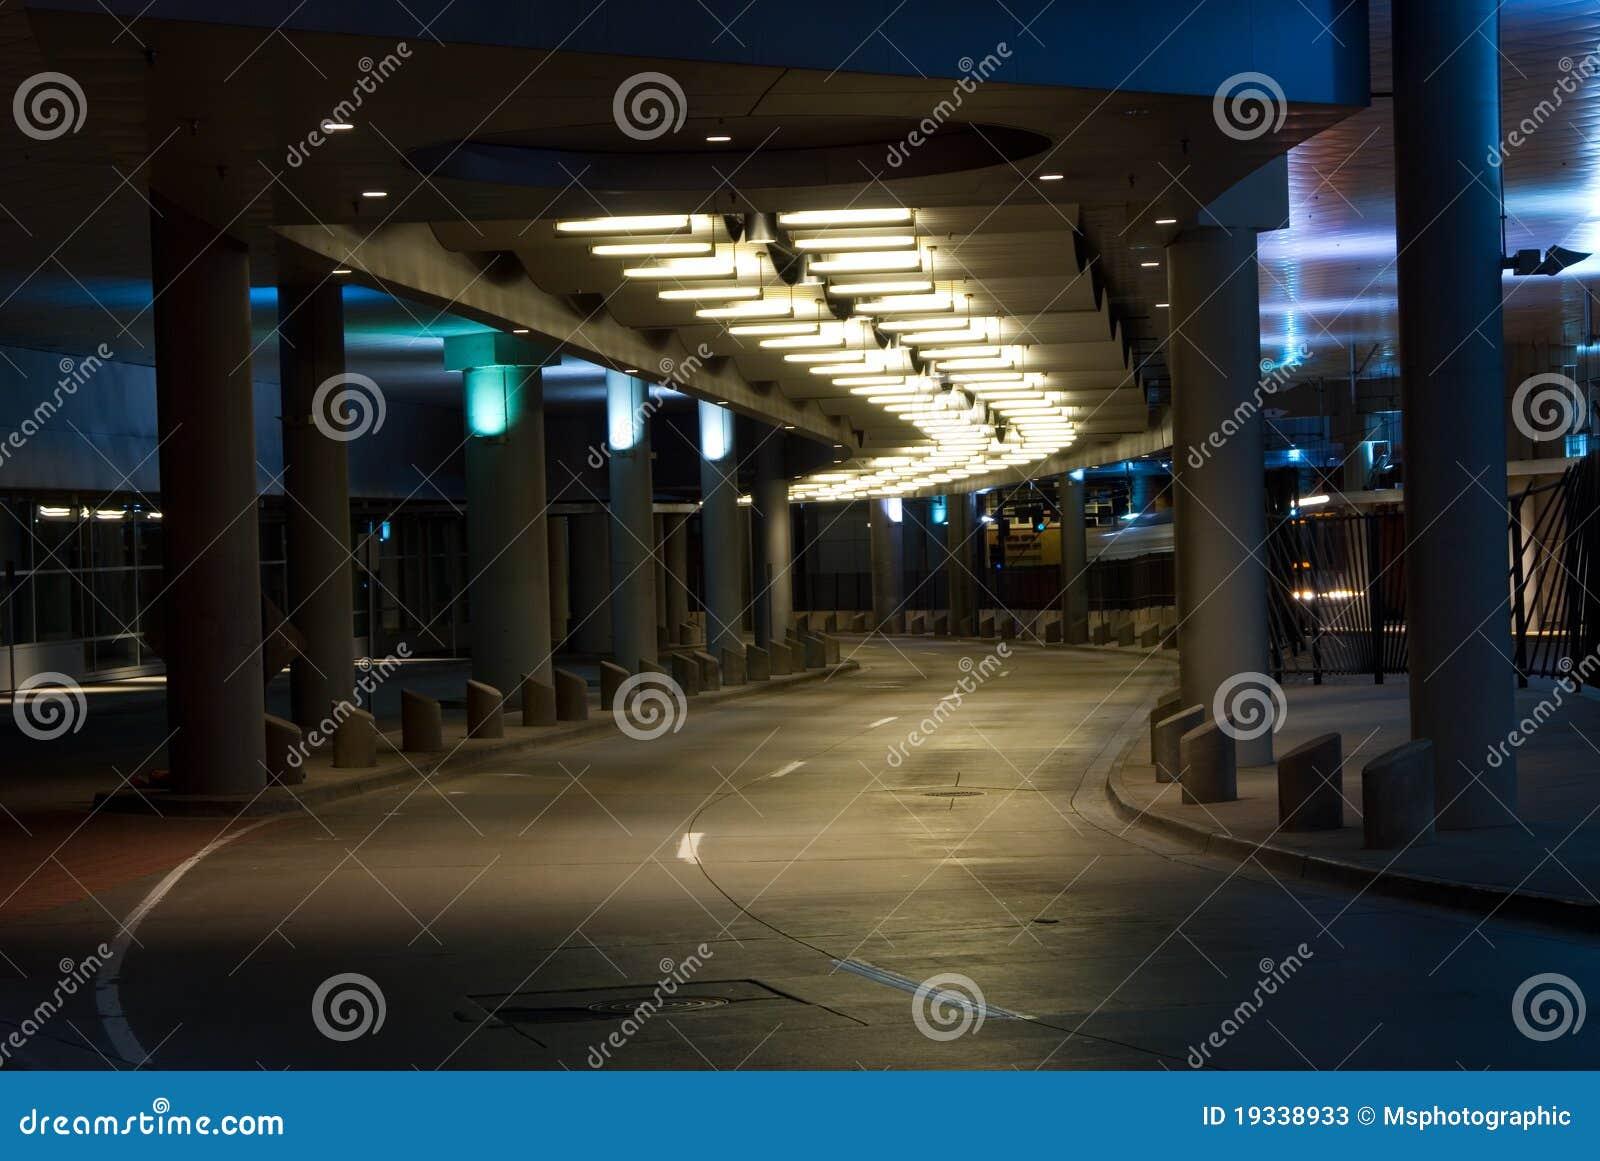 Υπόγεια διάβαση πόλεων τη νύχτα